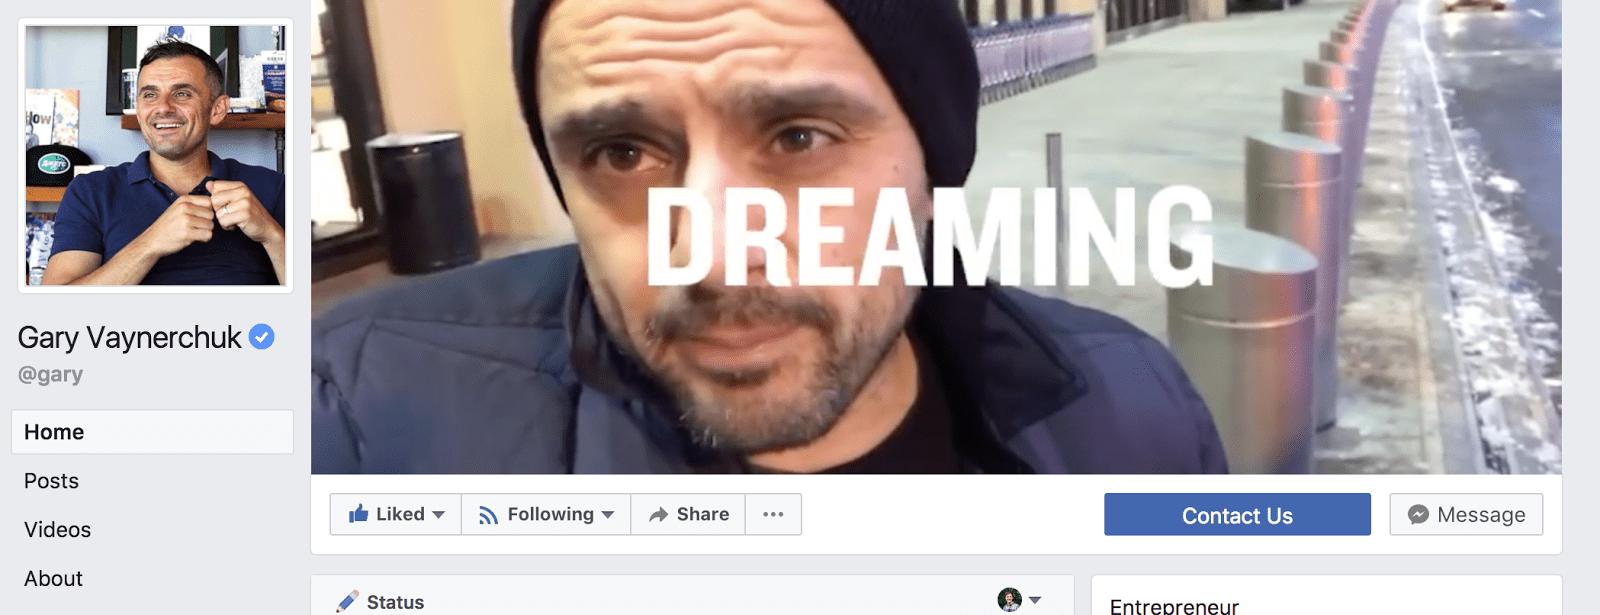 social media facebook post